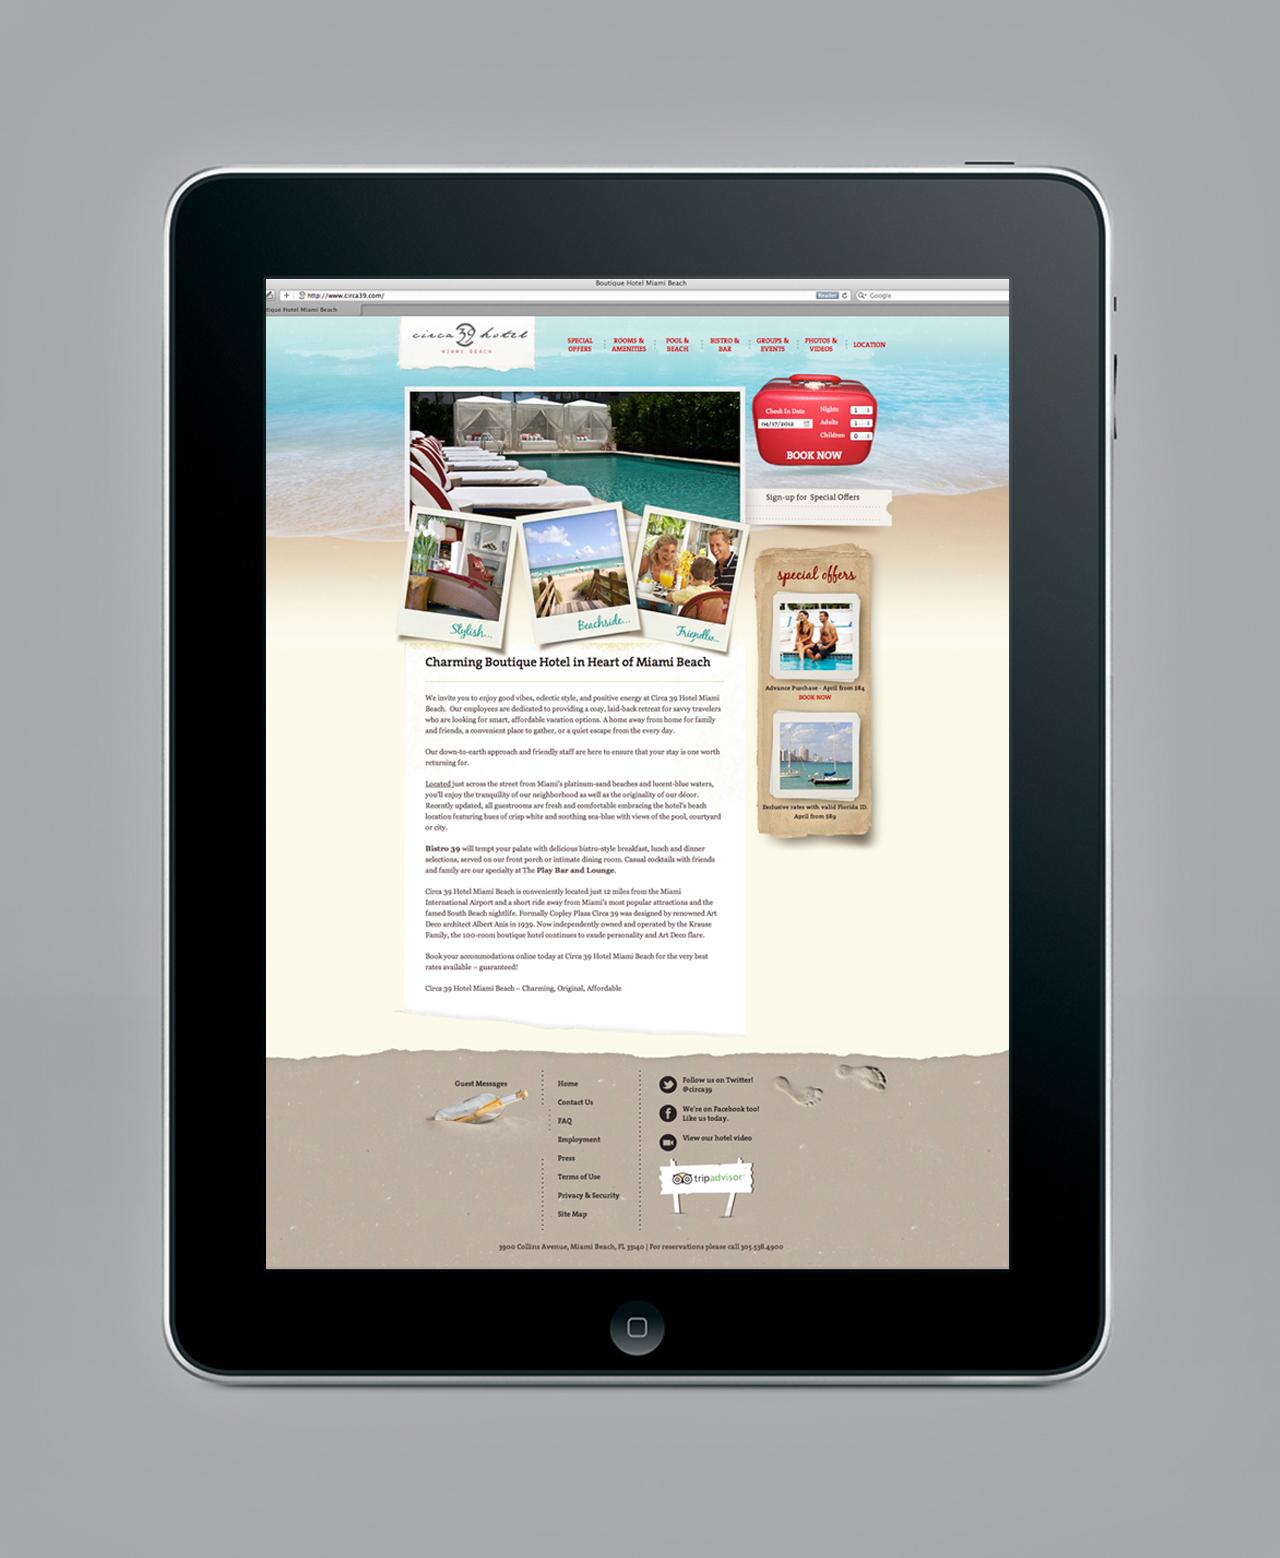 circa-39-hotel-website-design-by-camilo-rojas-1_o.jpg